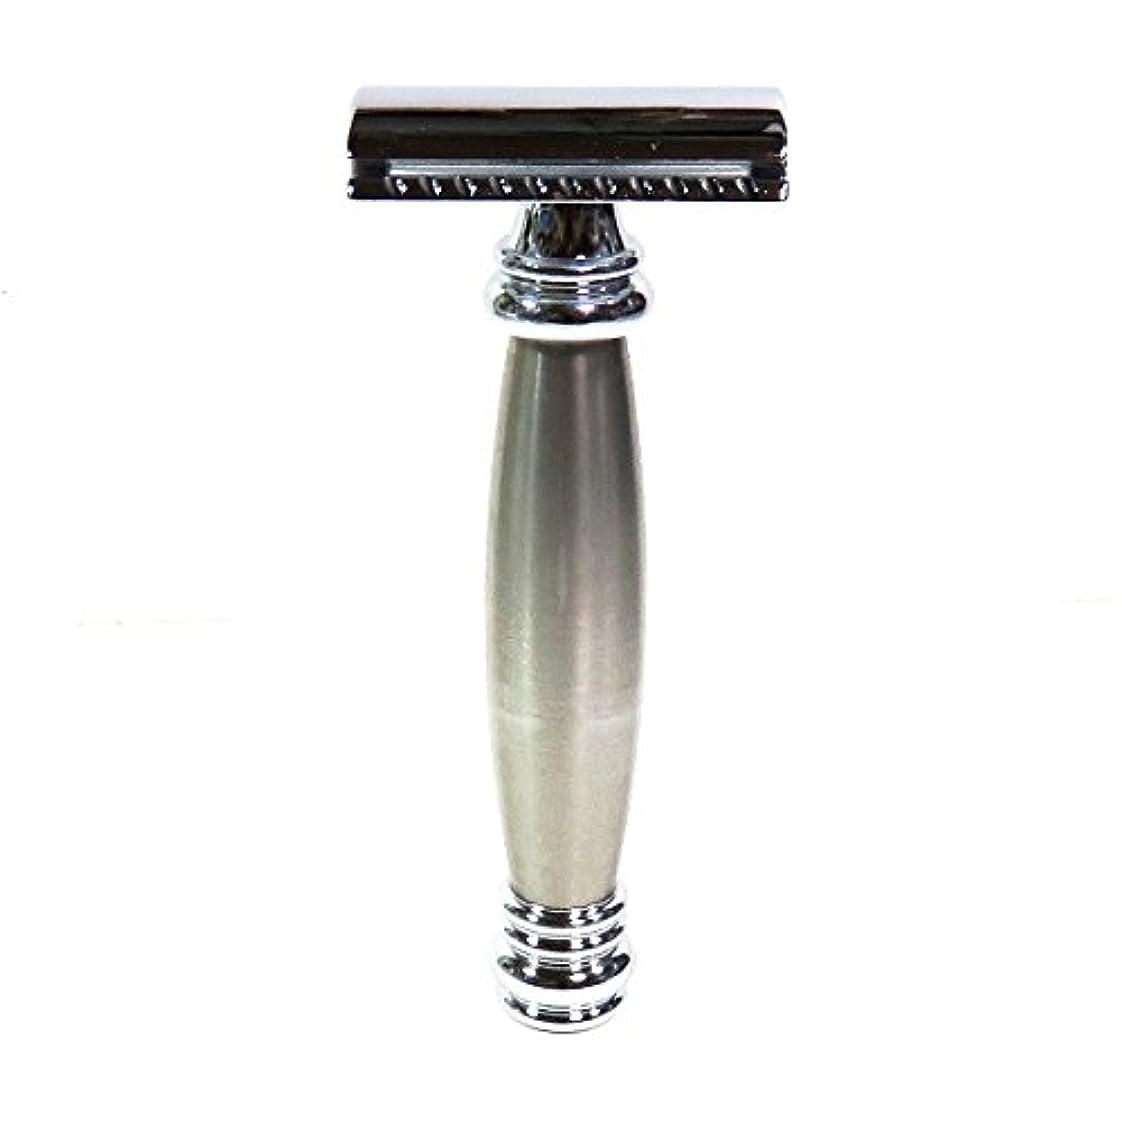 フィードポット勝利したメルクールMERKUR(独)髭剃り(ひげそり)両刃ホルダー43002 流線型重厚グリップ